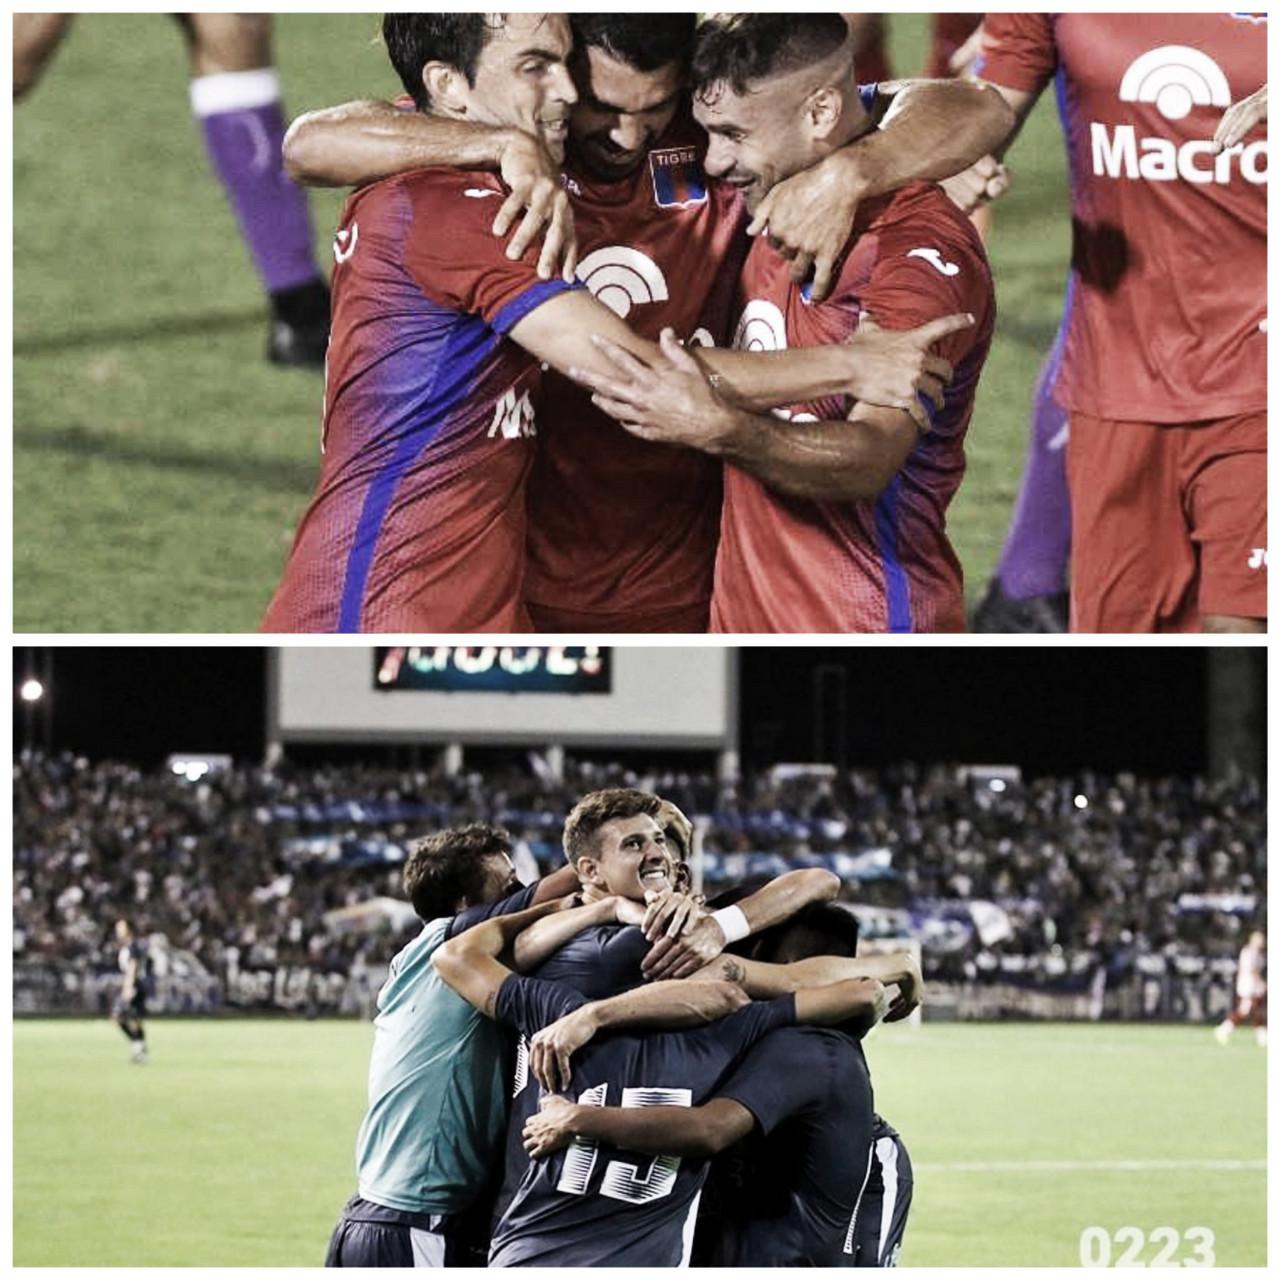 Nueva meta: Copa Argentina